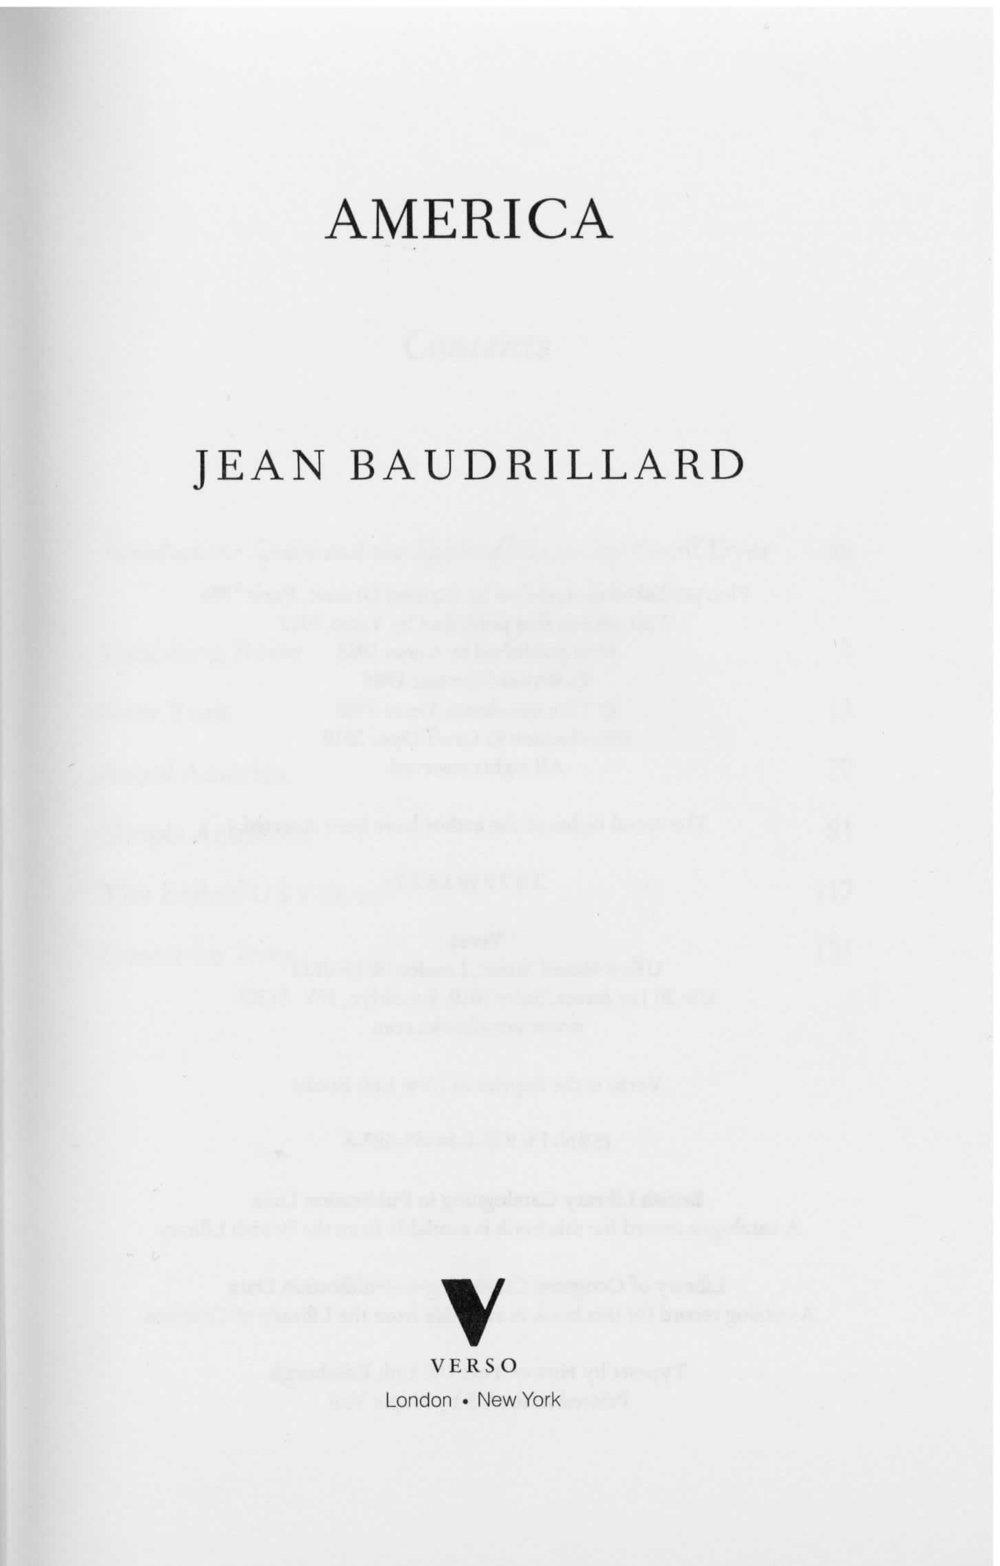 baudrillard, america 1.jpg